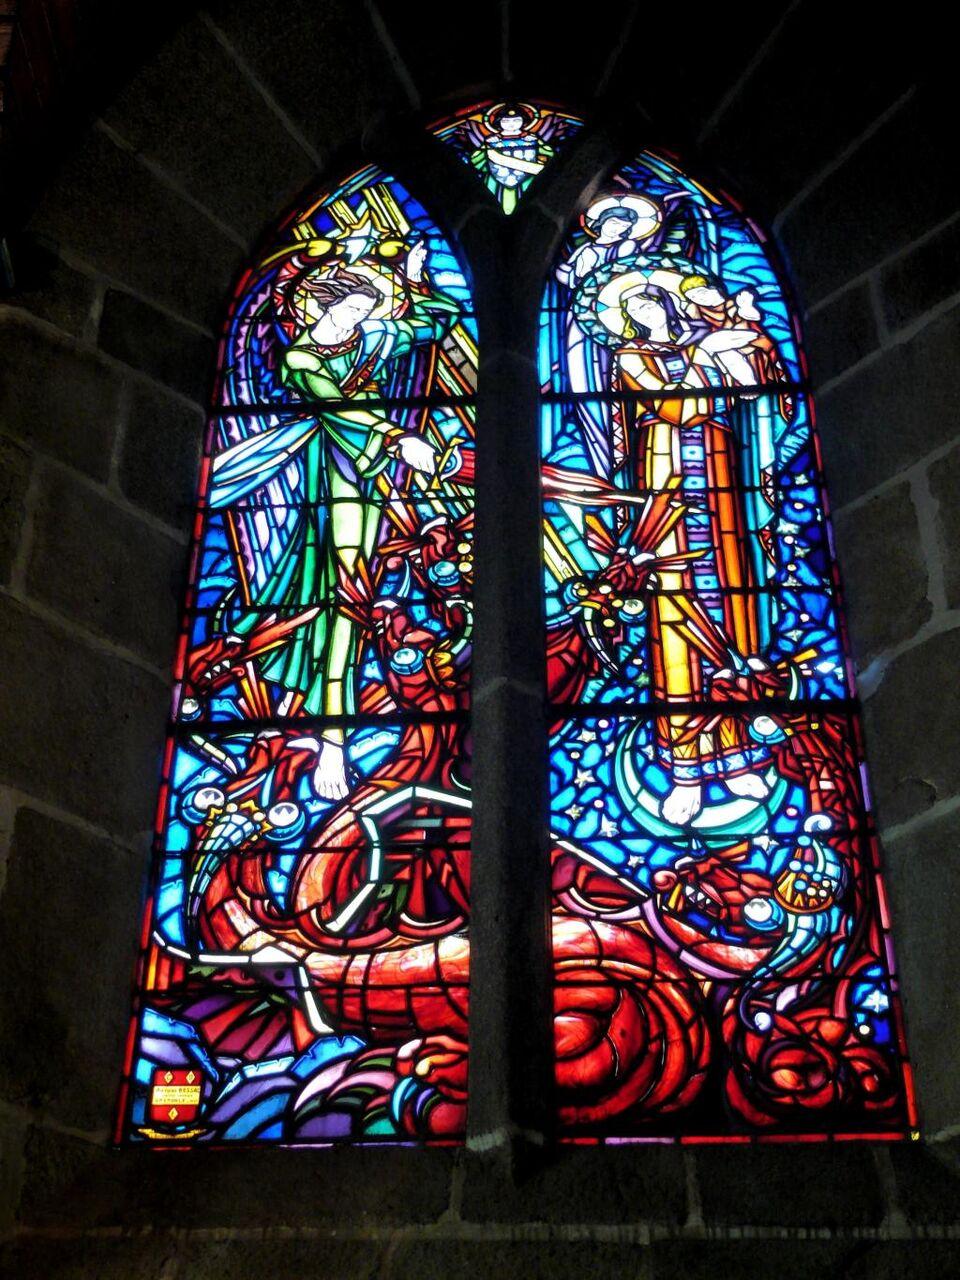 教会 ステンドグラスの窓 ステンドグラス ソウルサン ミッシェル フランス 高精細画像の壁紙の花 材料を入力します 壁紙